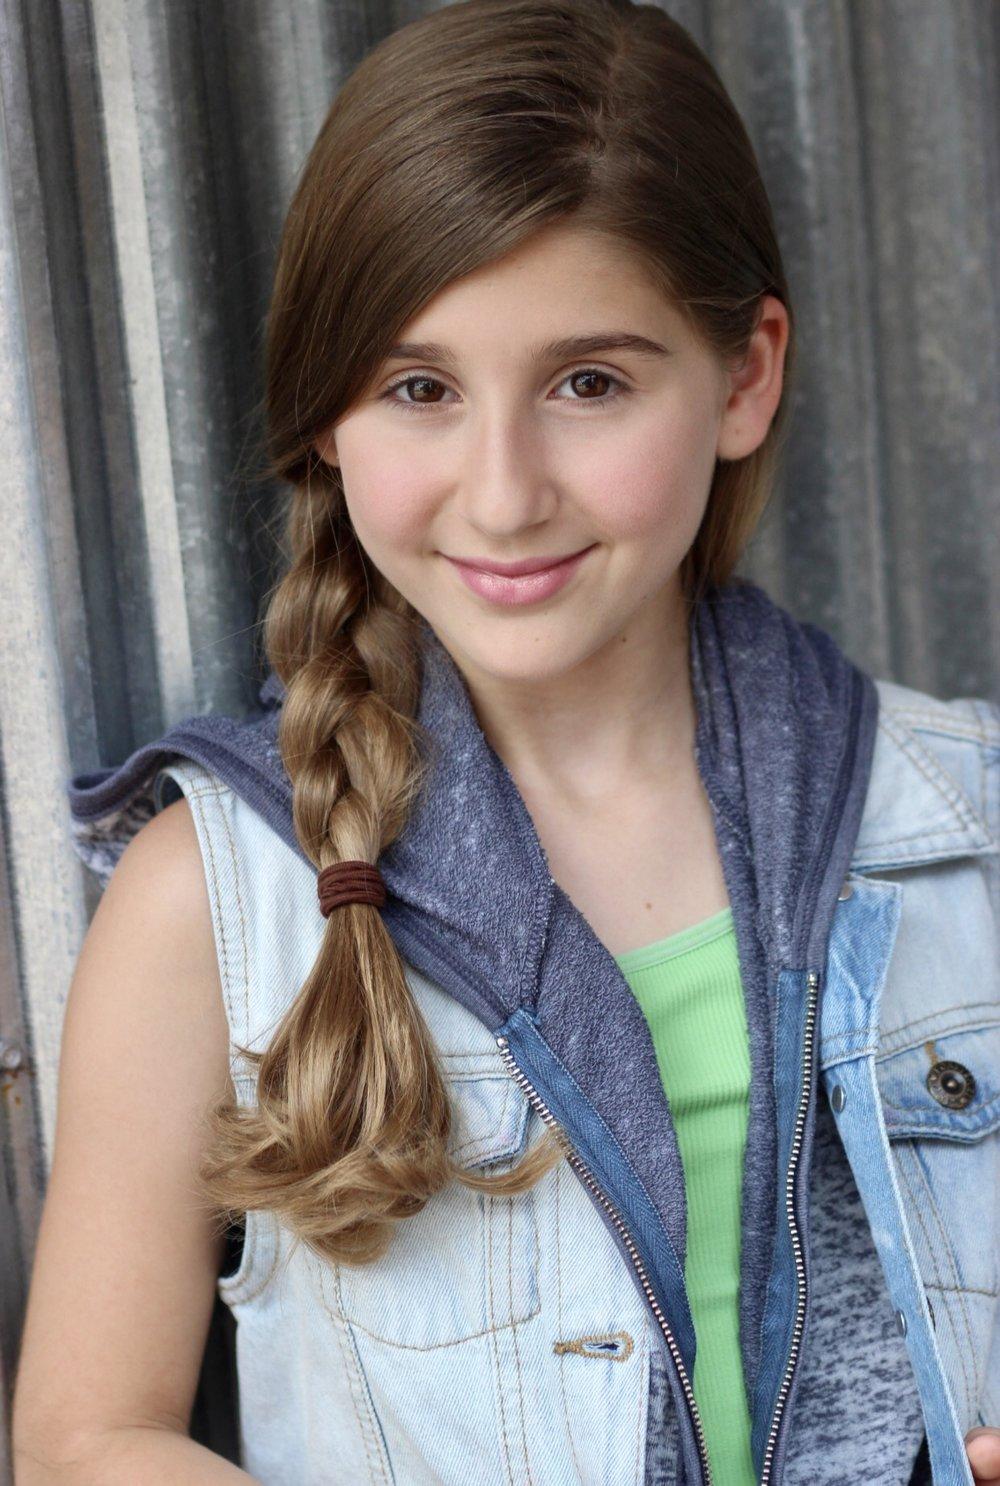 Sara Chesnick